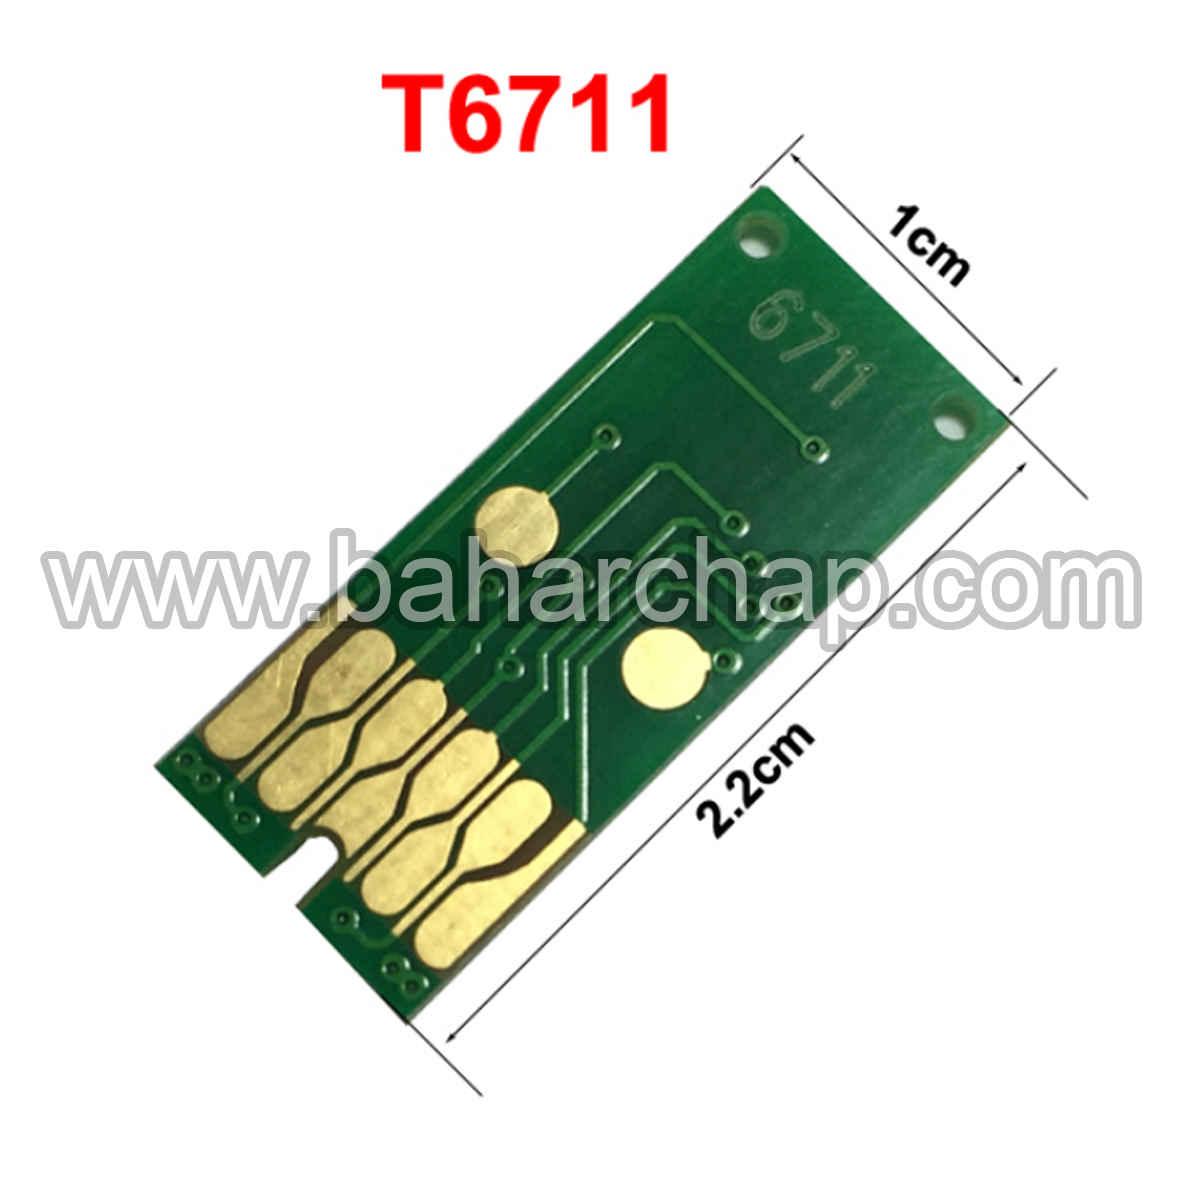 فروشگاه و خدمات اینترنتی بهارچاپ اصفهان-چیپ مخزن ضایعات  اپسون T6710-T6711-T6711 Maintenance Tanks Chip for Epson